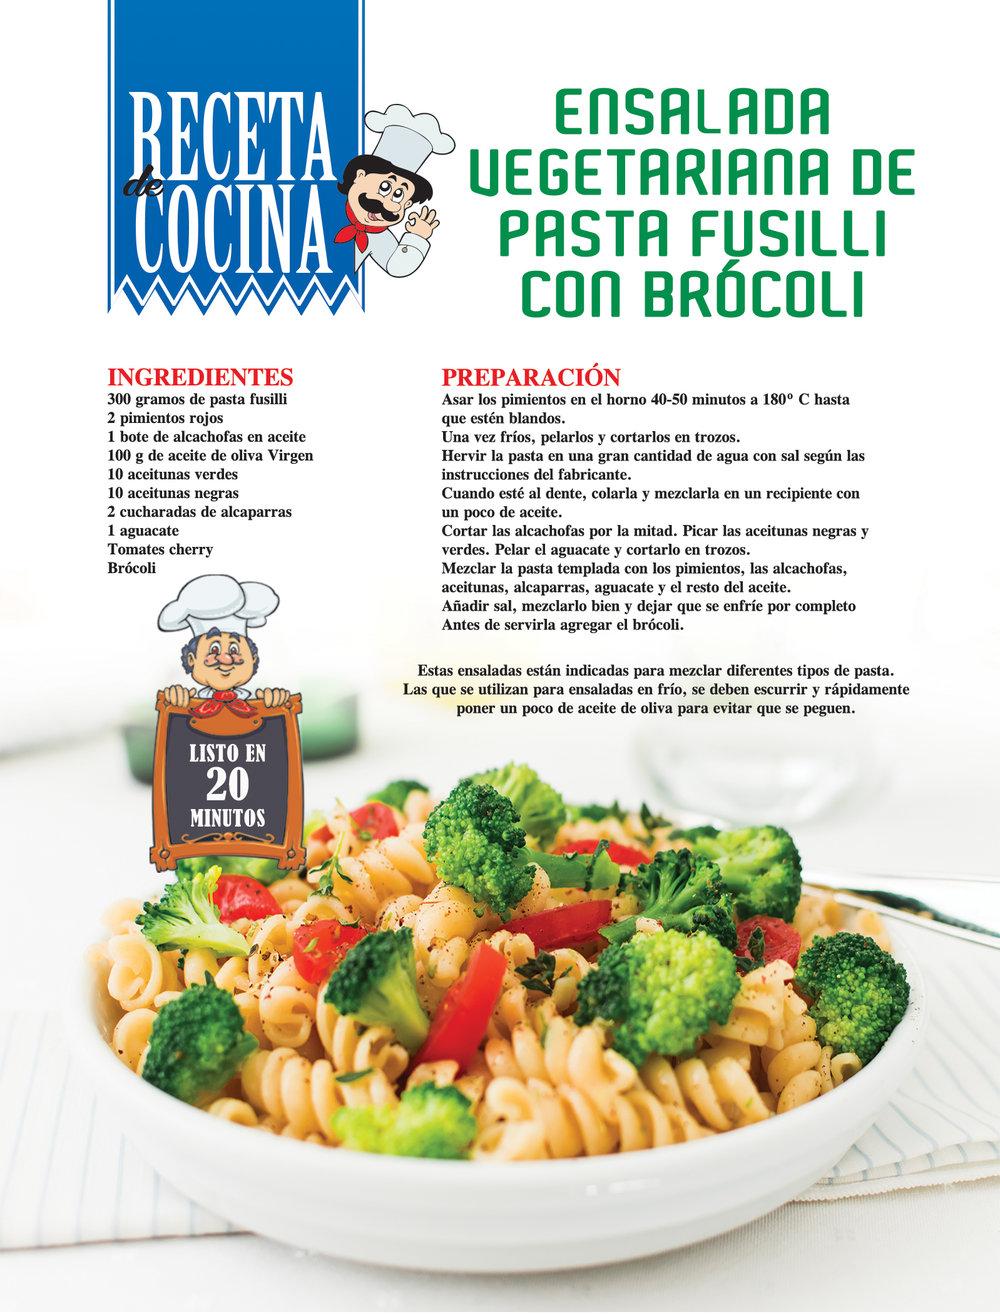 receta cocina - FEBRERO2018.jpg